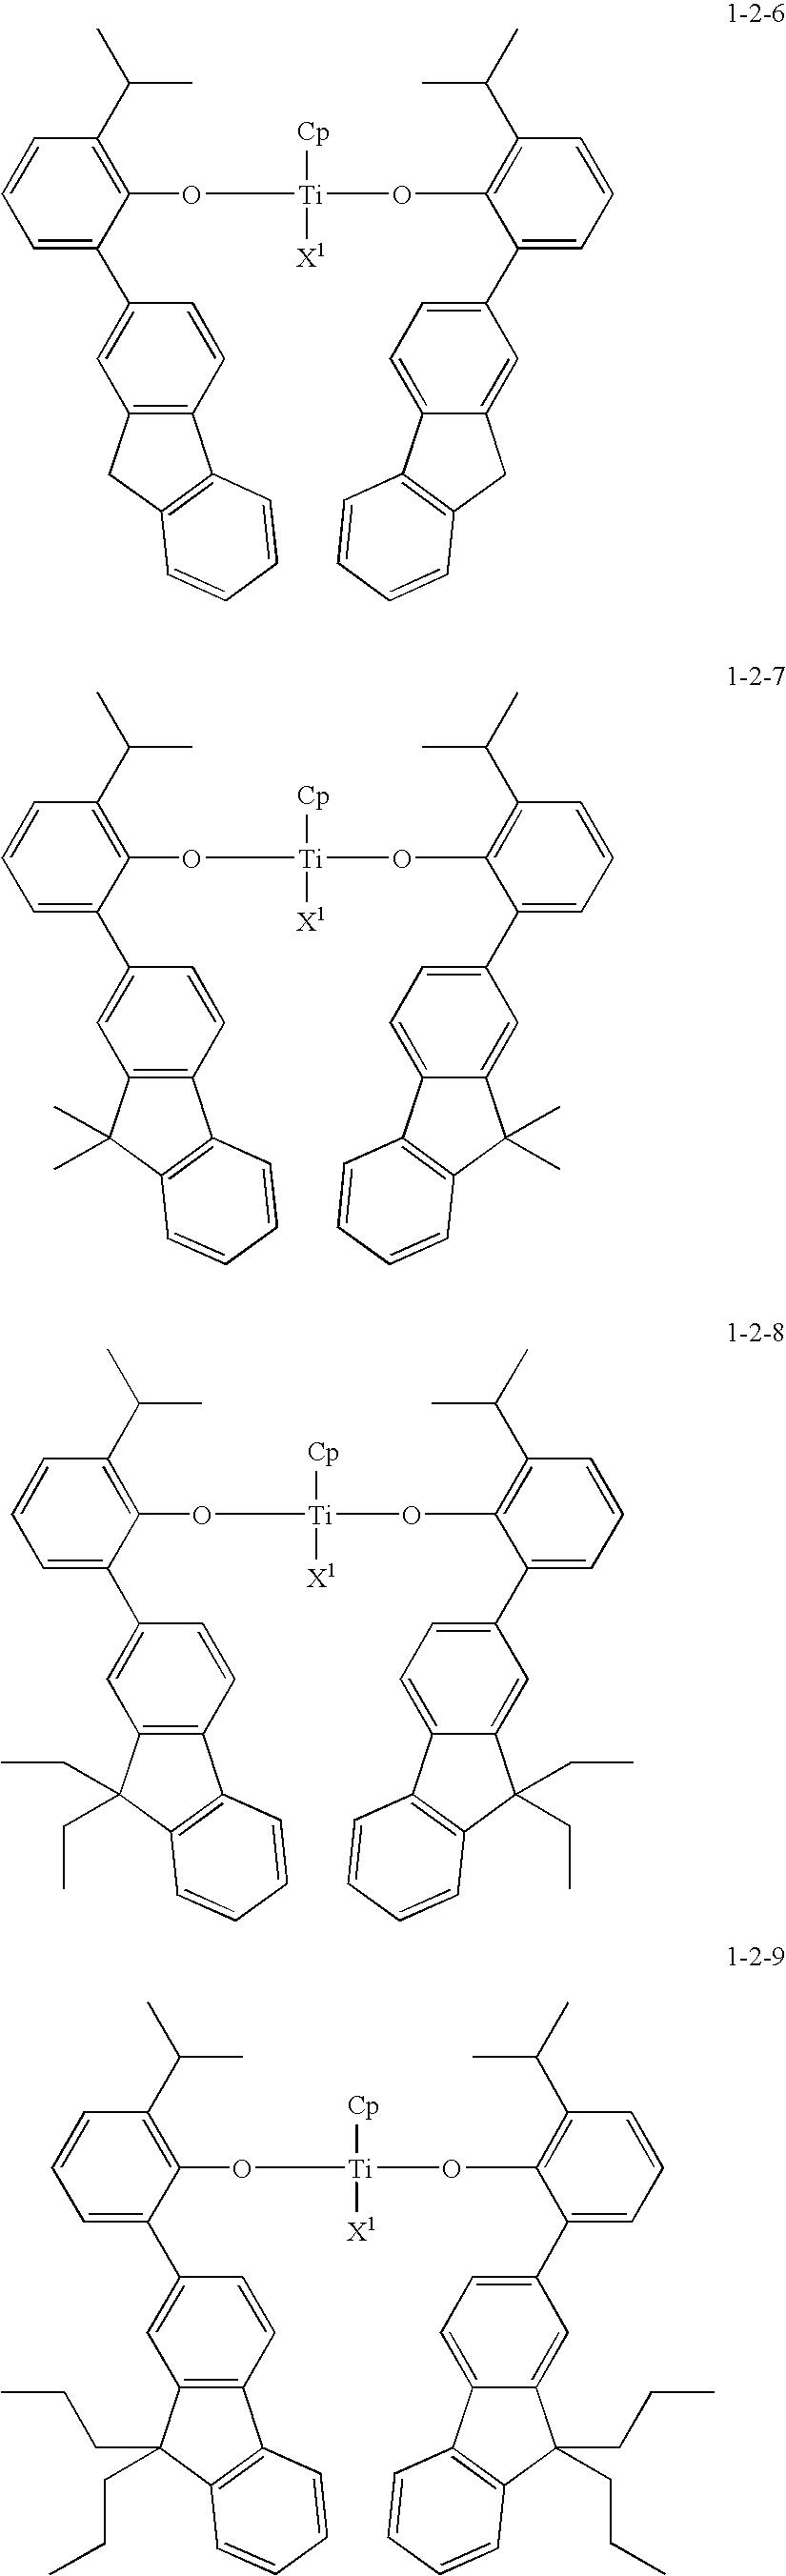 Figure US20100081776A1-20100401-C00035